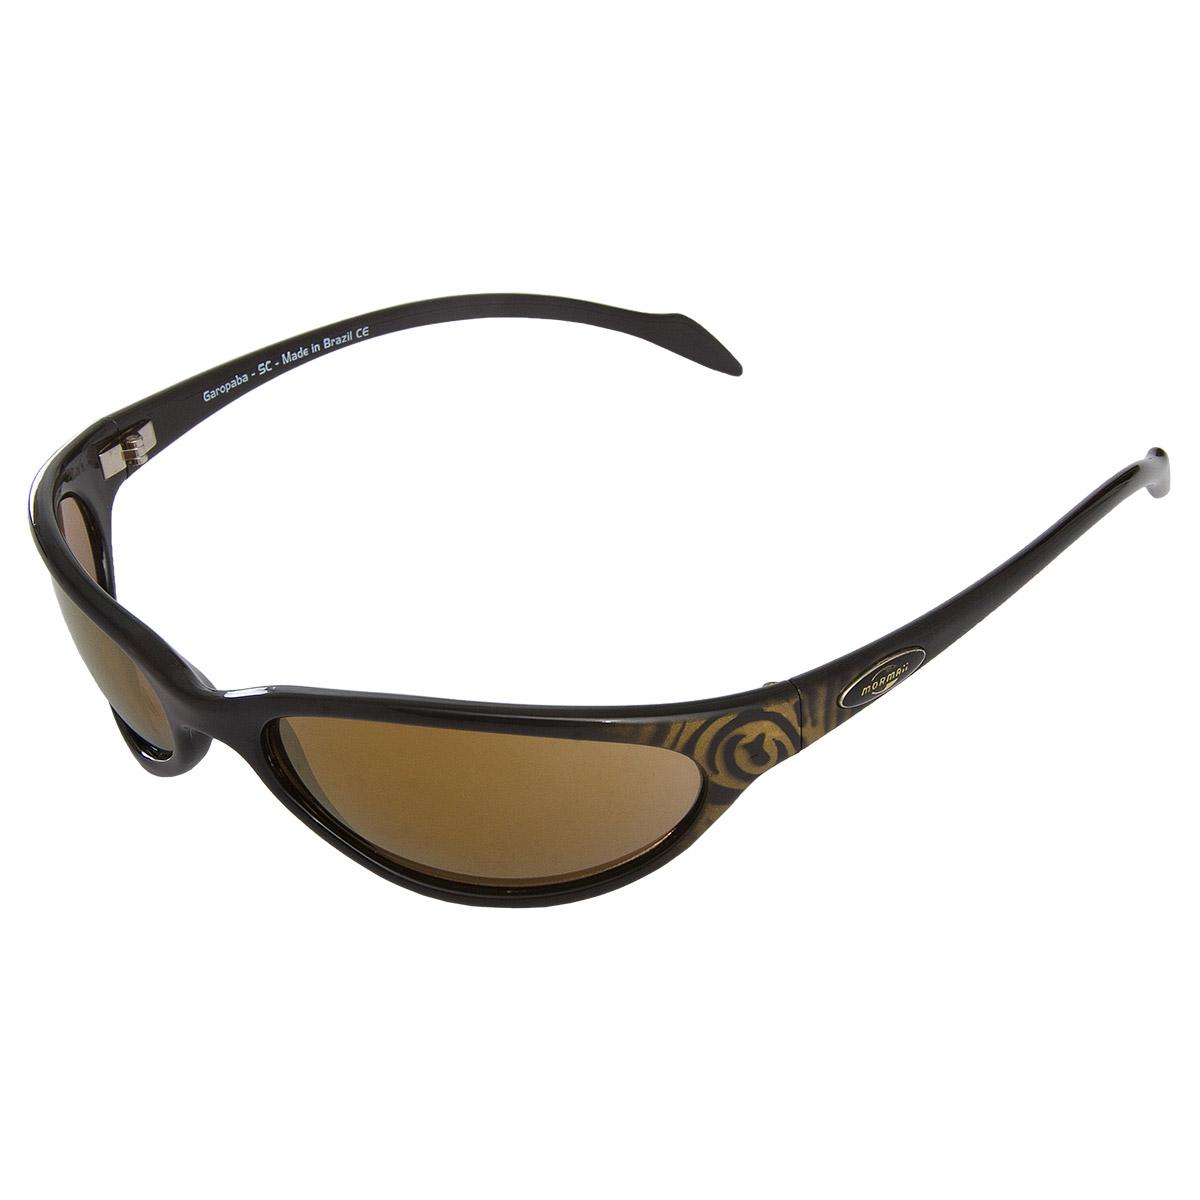 f2ba85ced7111 Óculos De Sol Mormaii Joaquina Unissex - Dourado Preto   World ...